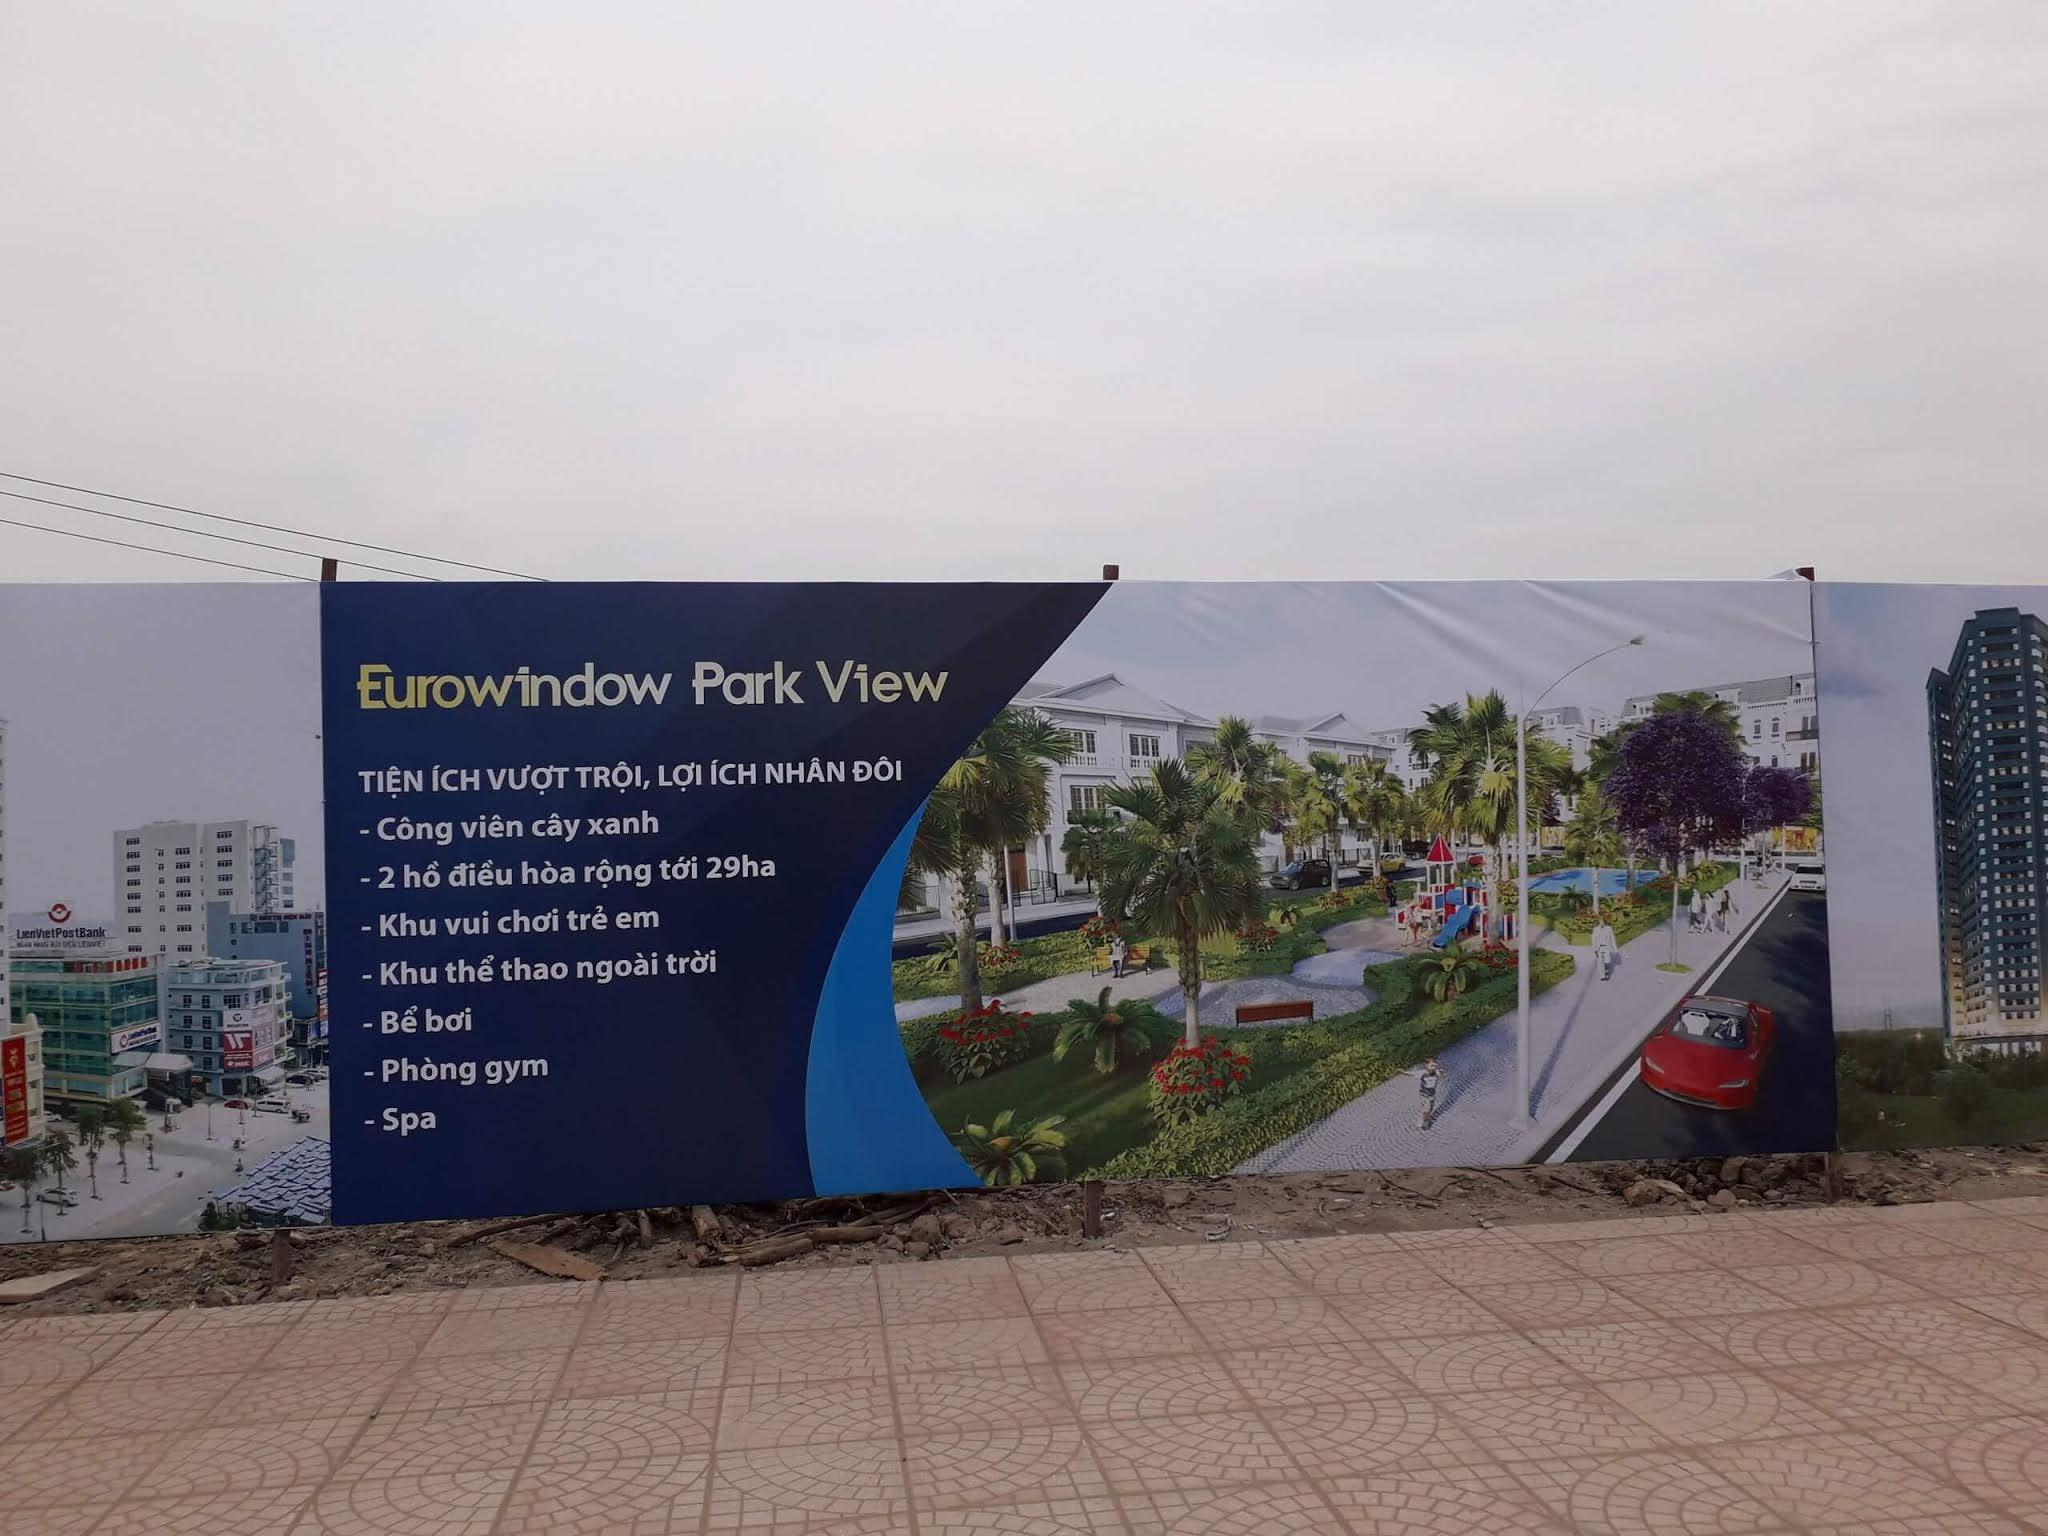 Hình ảnh khu đô thị Eurowindow Twin Parks những ngày đầu tiên.